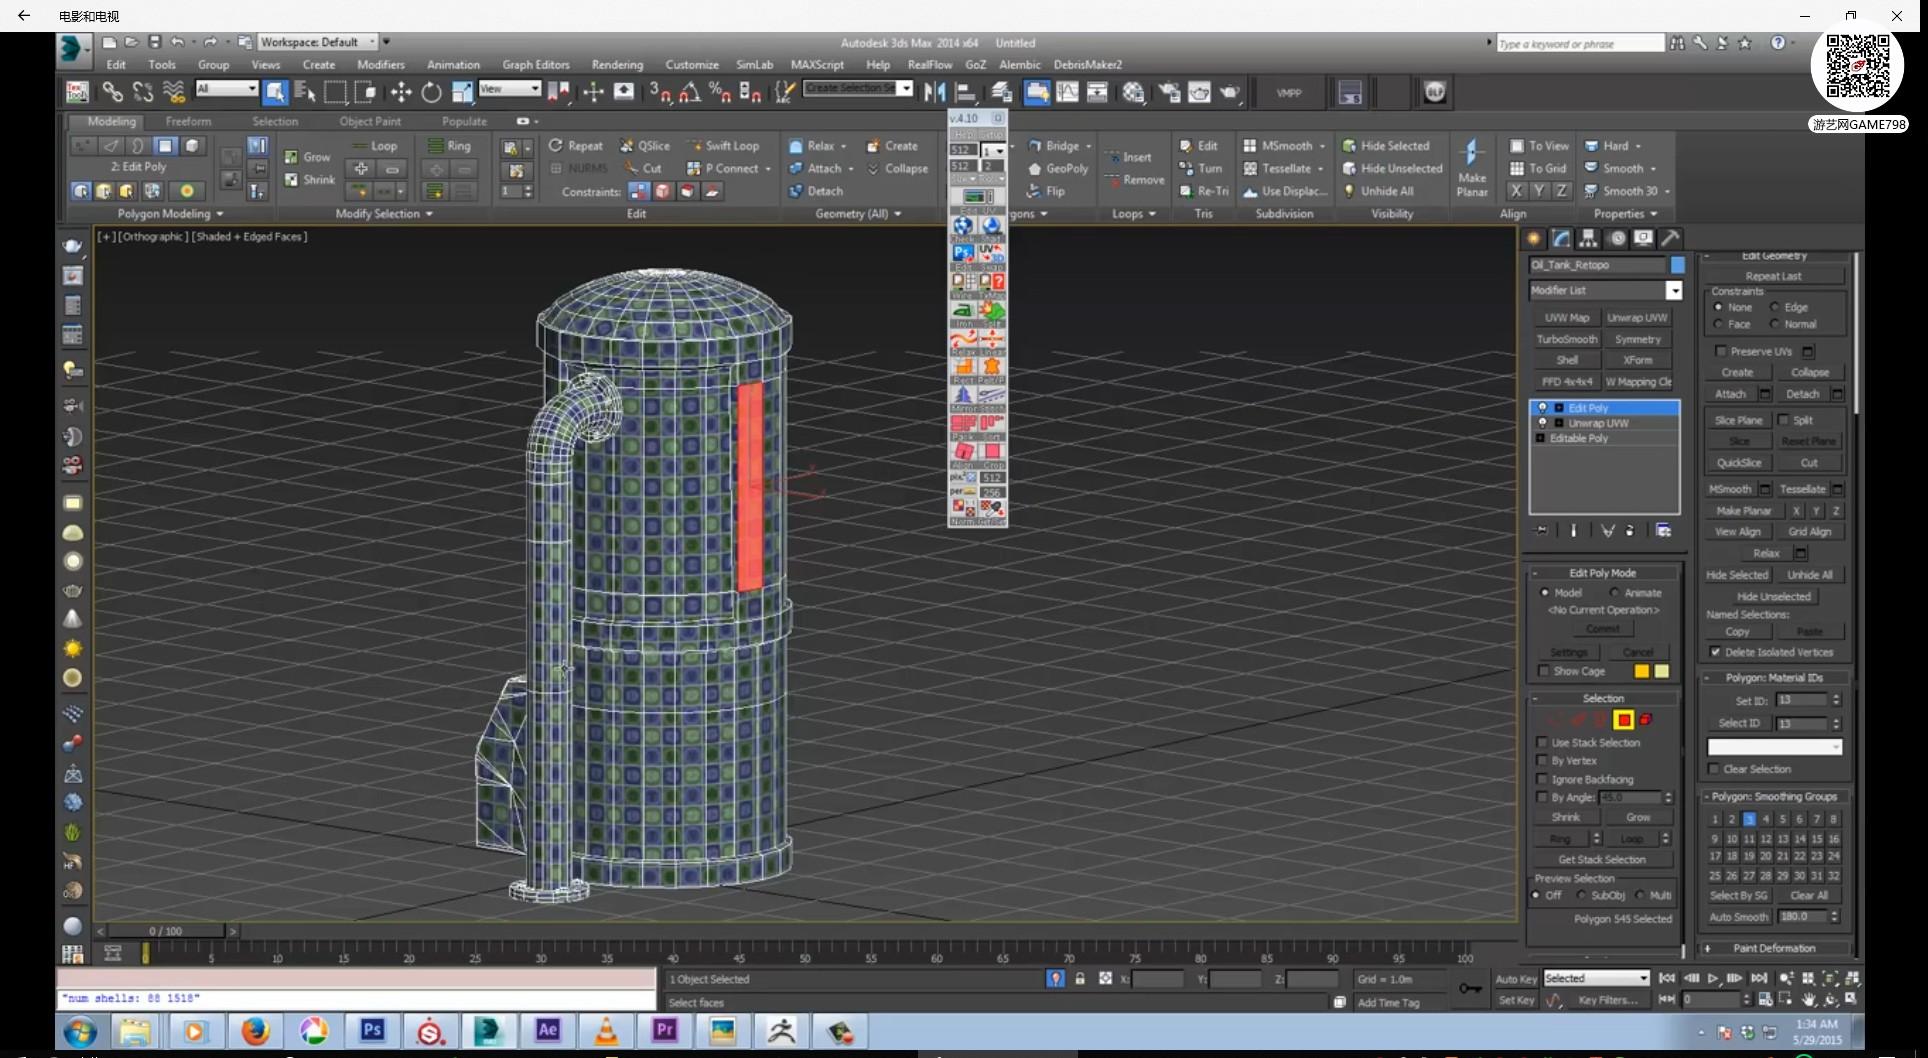 004关注-游艺网GAME798海量资源模型下载.jpg